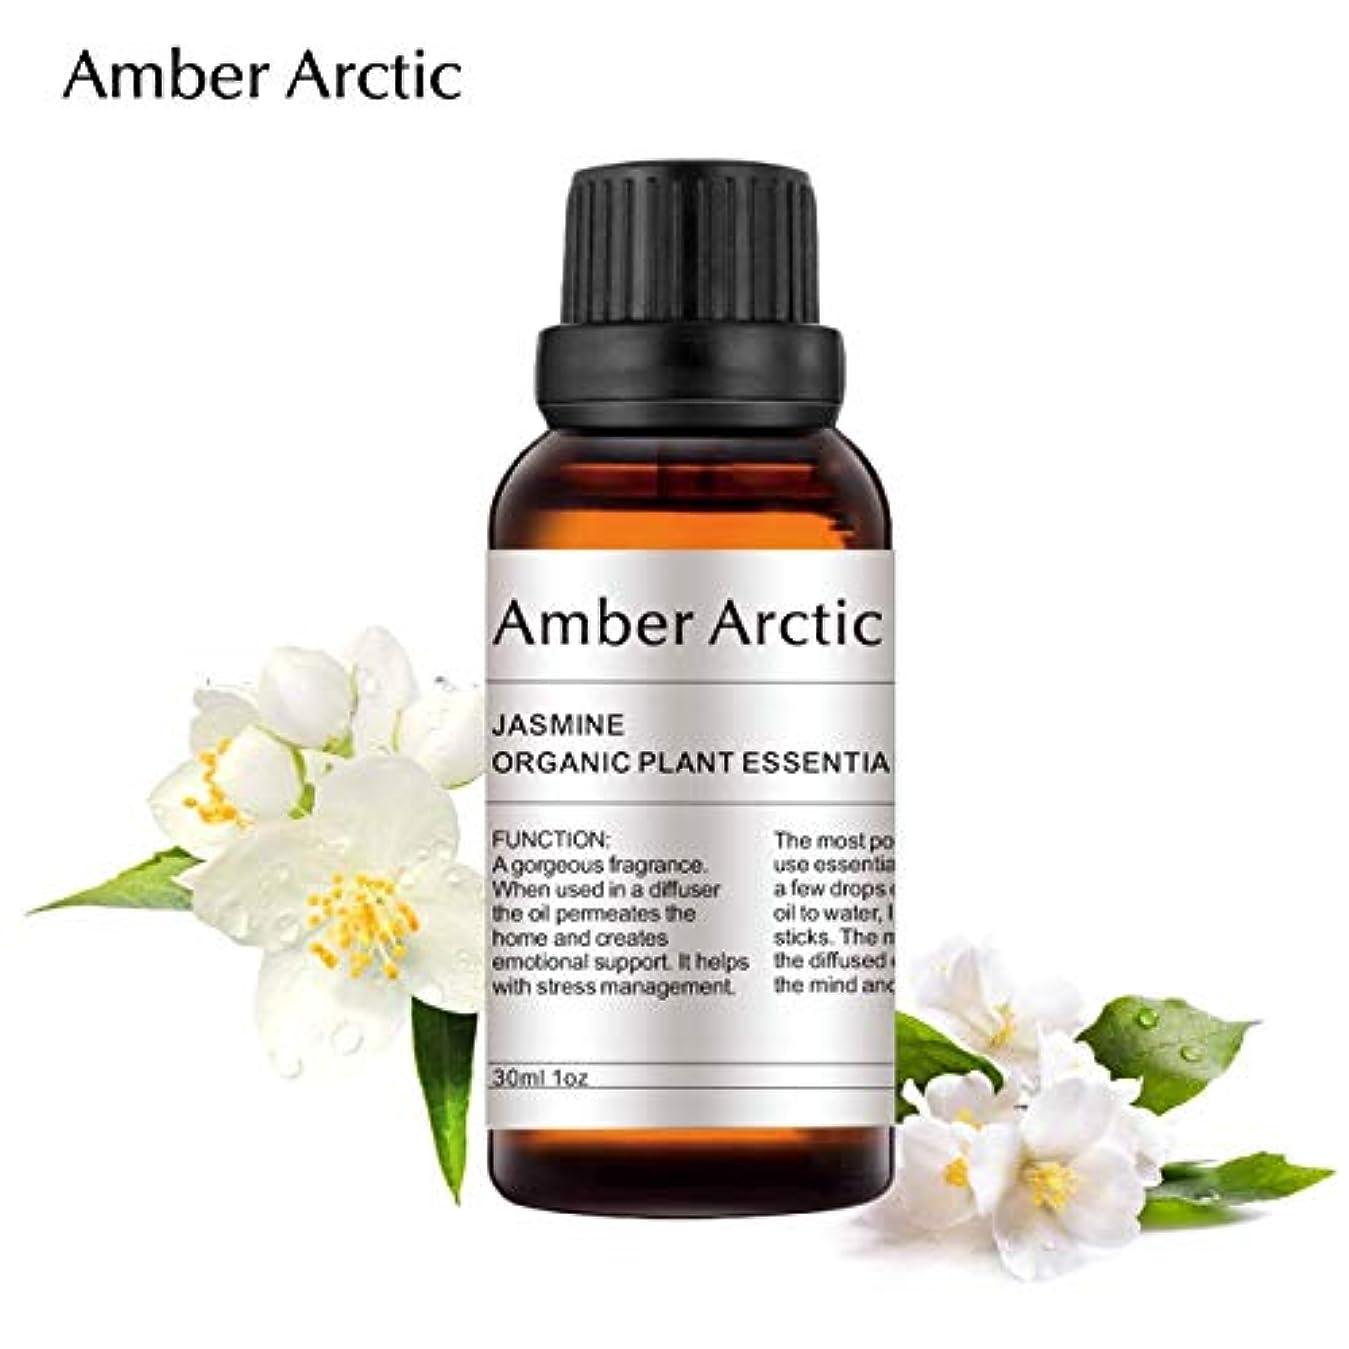 欲望好色な肯定的AMBER ARCTIC エッセンシャル オイル ディフューザー 用 100% 純粋 新鮮 有機 植物 セラピー オイル 30Ml ジャスミン ジャスミン